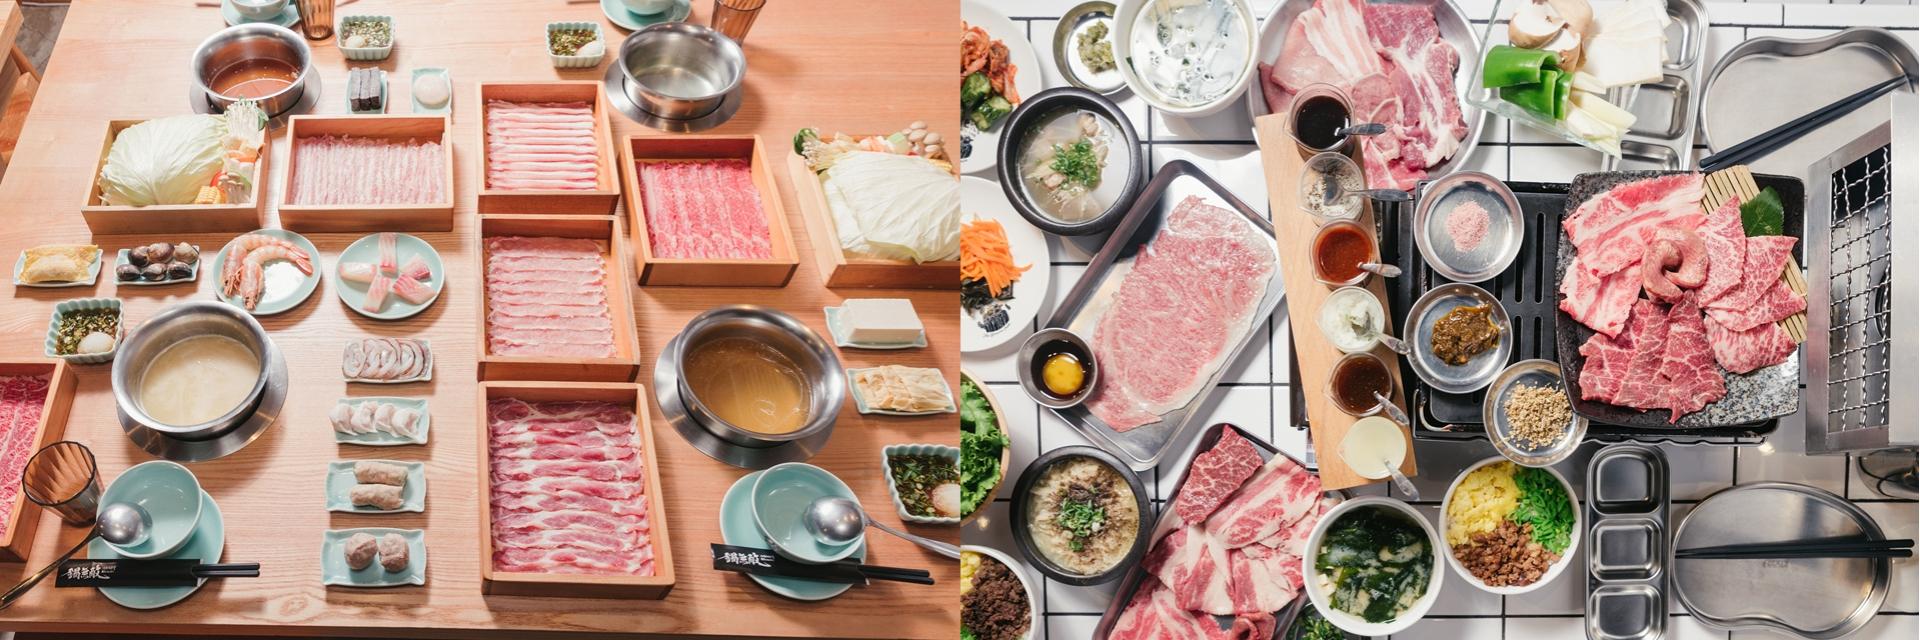 【跟著編輯吃美食】精選 5 間澎湃系特色料理,讓你吃得飽又能拍出超狂美食照!